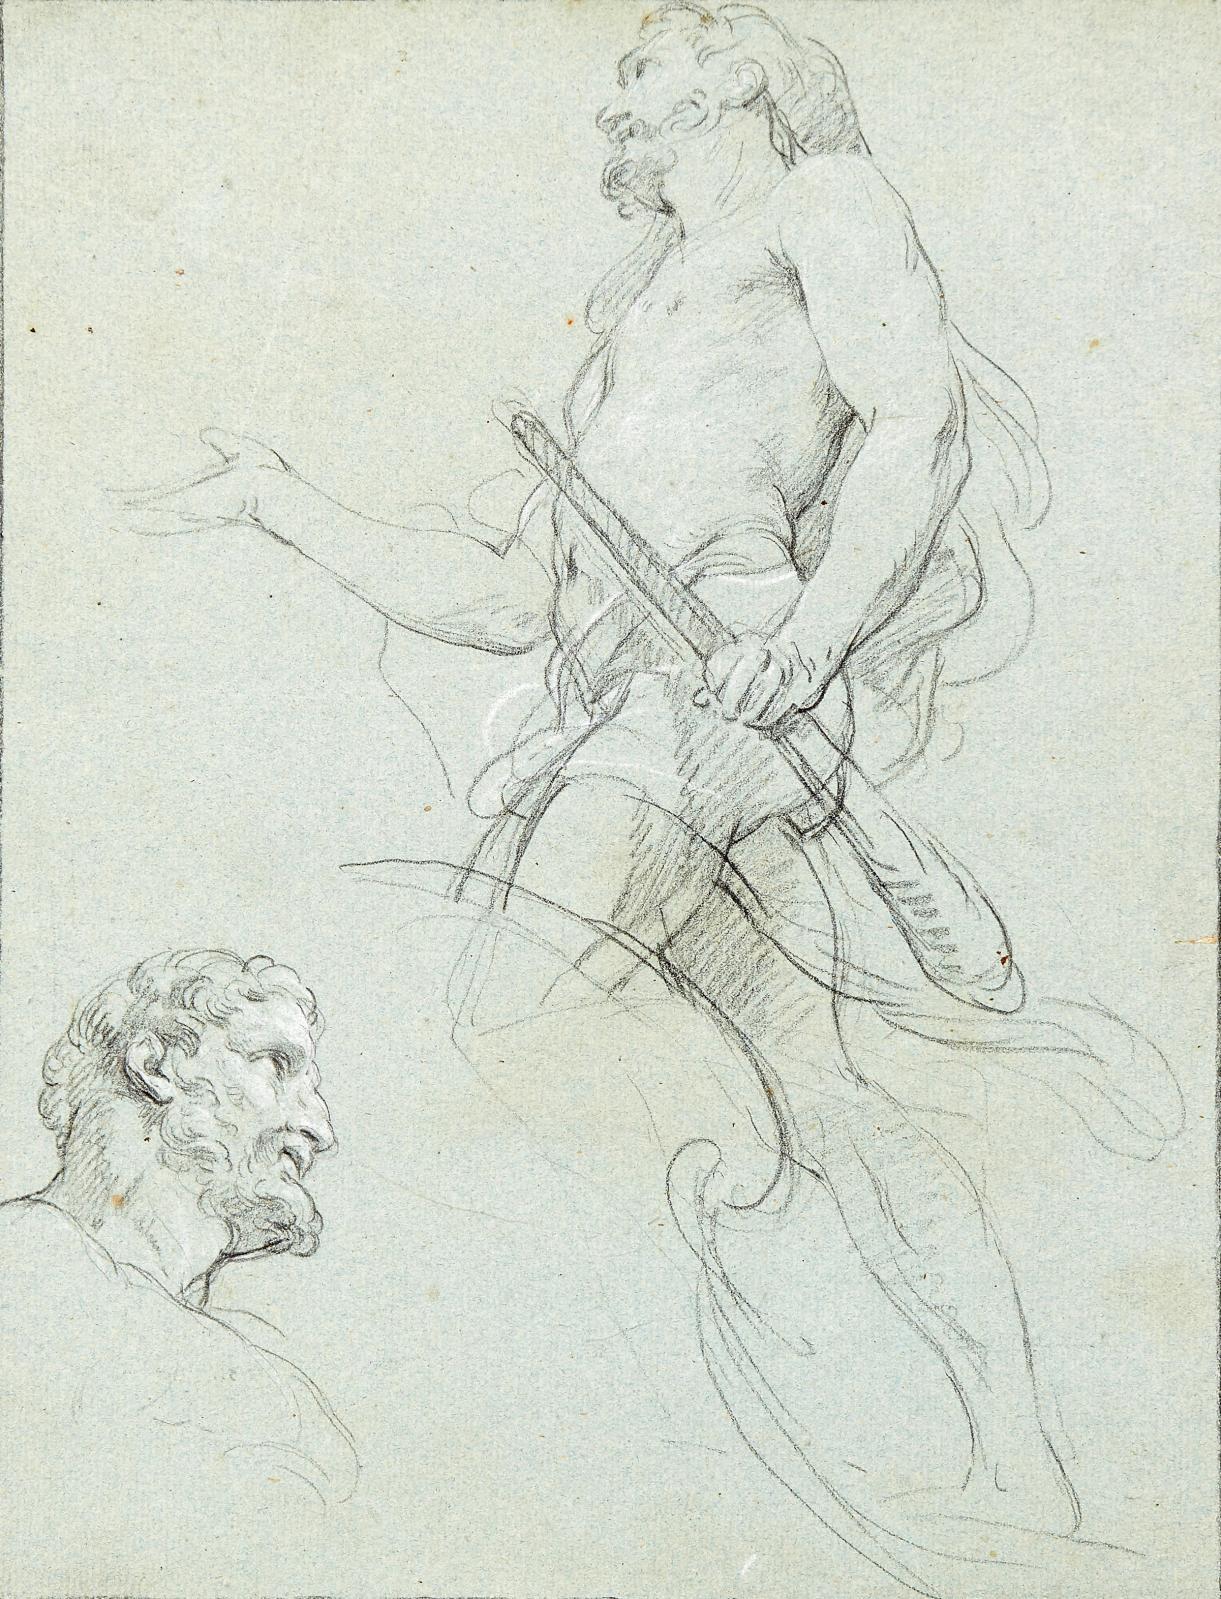 François Lemoyne(1688-1737), Étude pour une figure d'Hercule, pierre noire et craie blanche sur papier bleu, 31,5x24cm. Adjugé: 6604